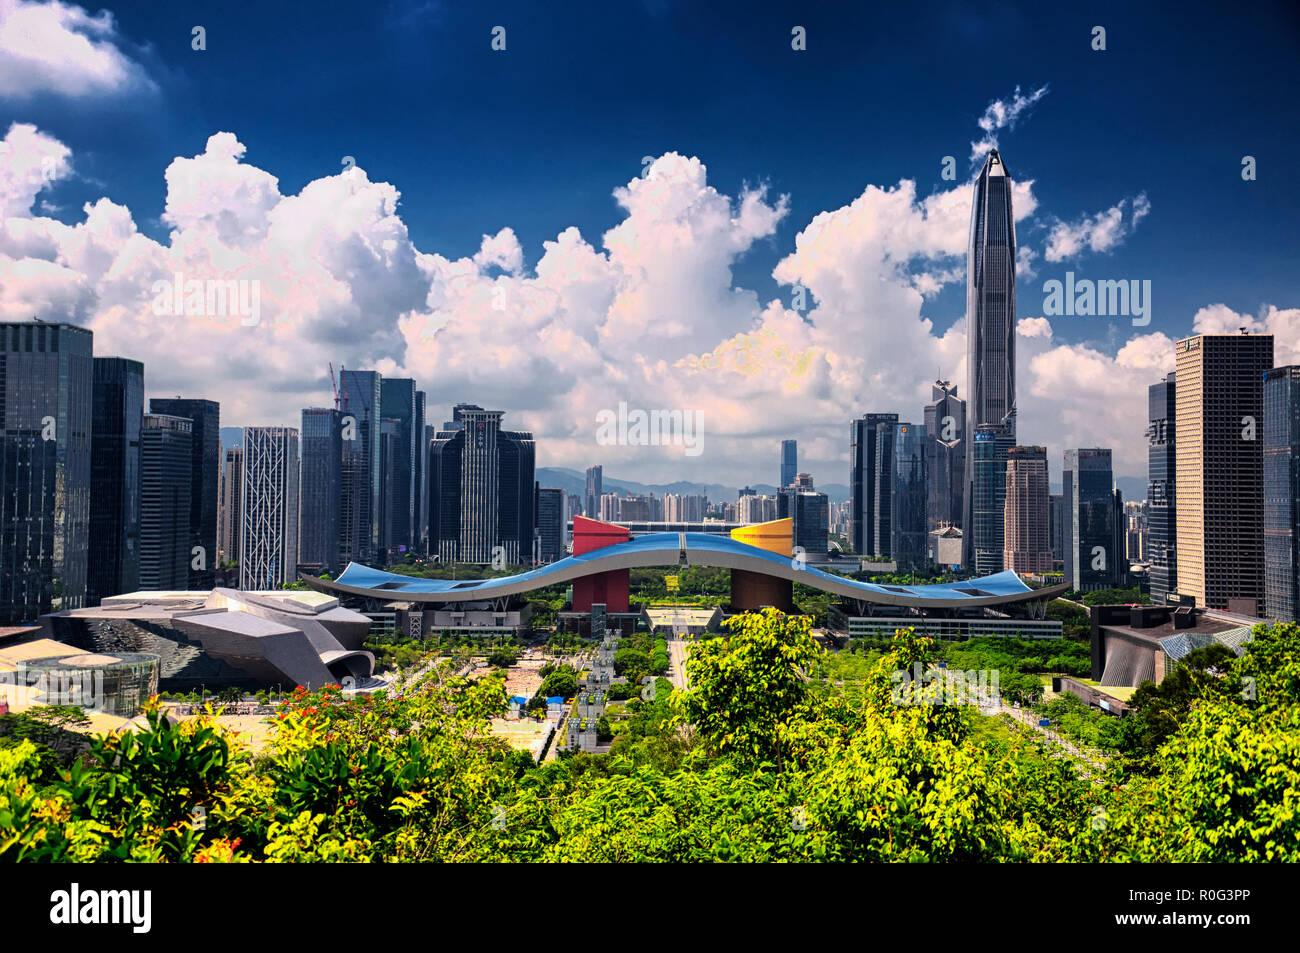 Shenzhen, China. El 26 de mayo de 2018, el horizonte de la ciudad de Shenzhen y centro cívico como visto desde Lianhuashan Park en el centro de la ciudad en un día soleado. Imagen De Stock